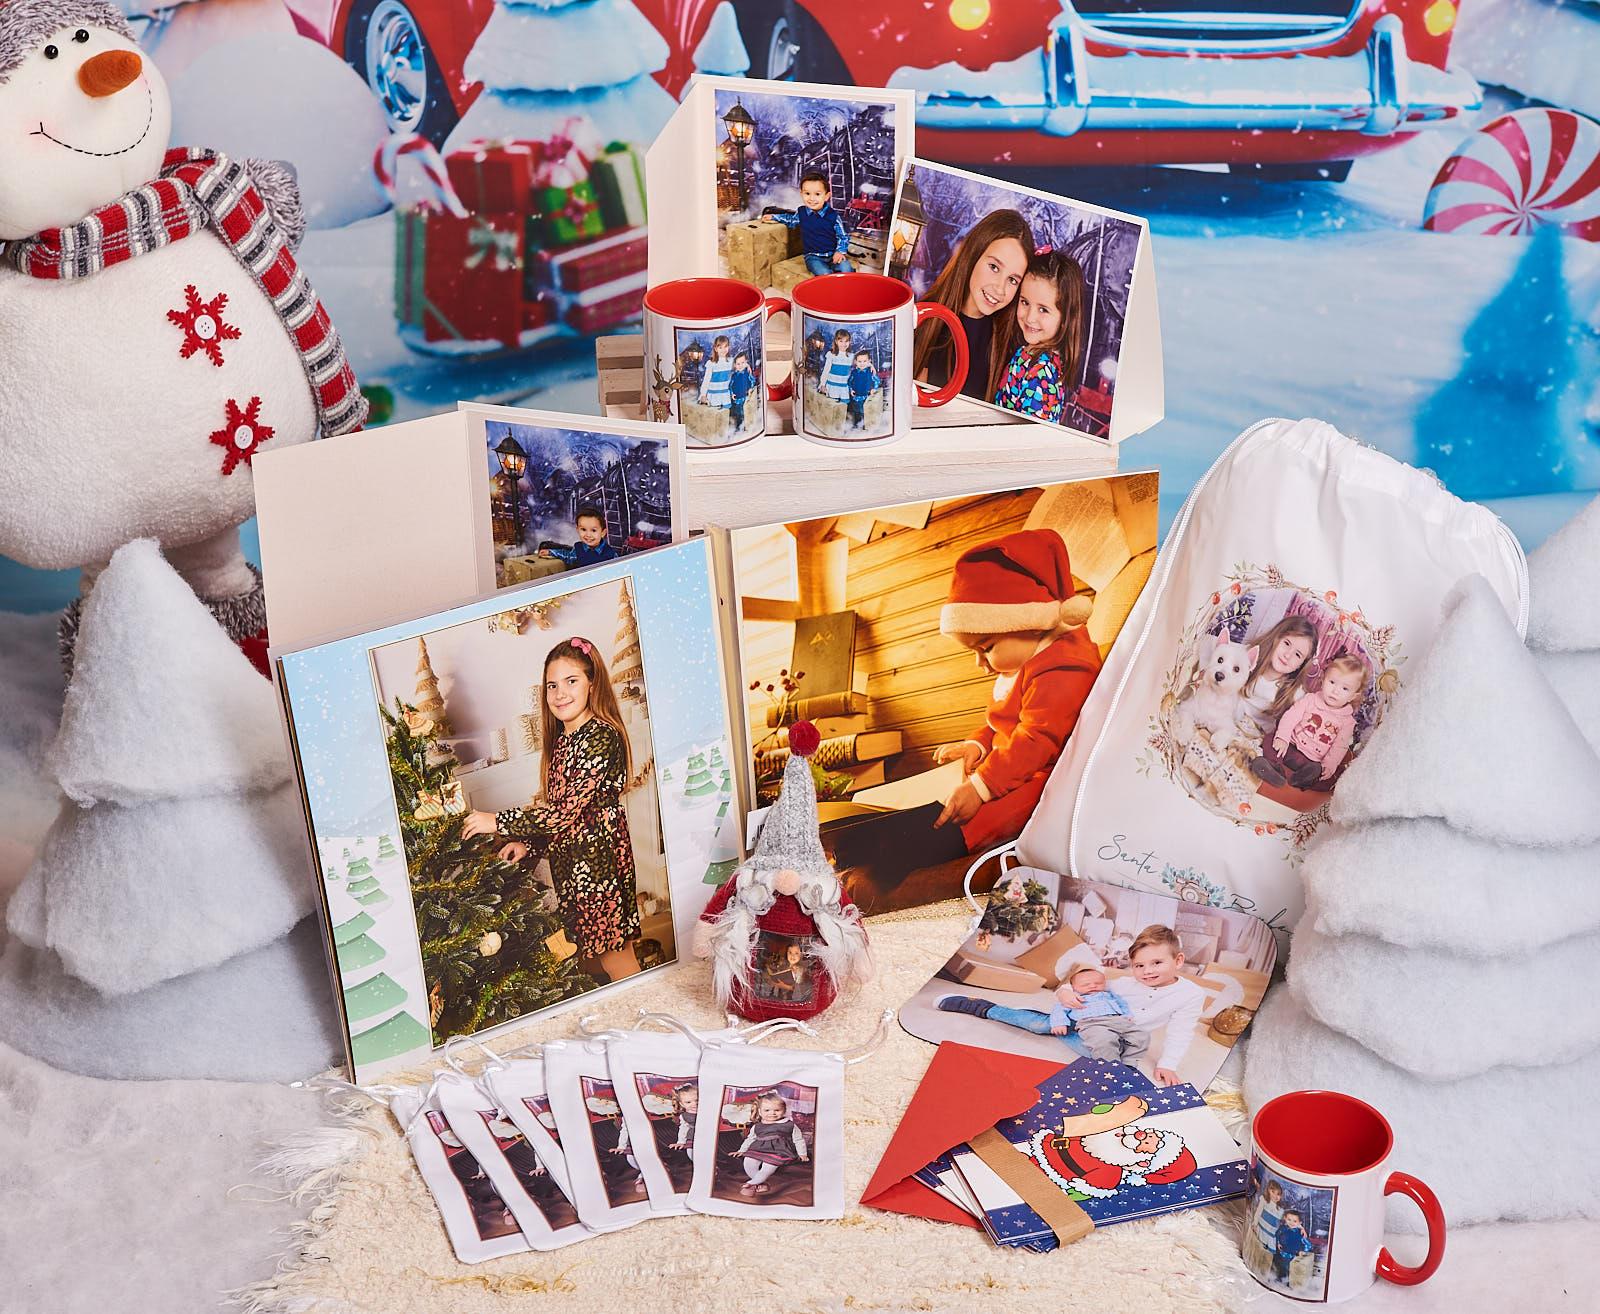 Reportaje fotográfico de navidad